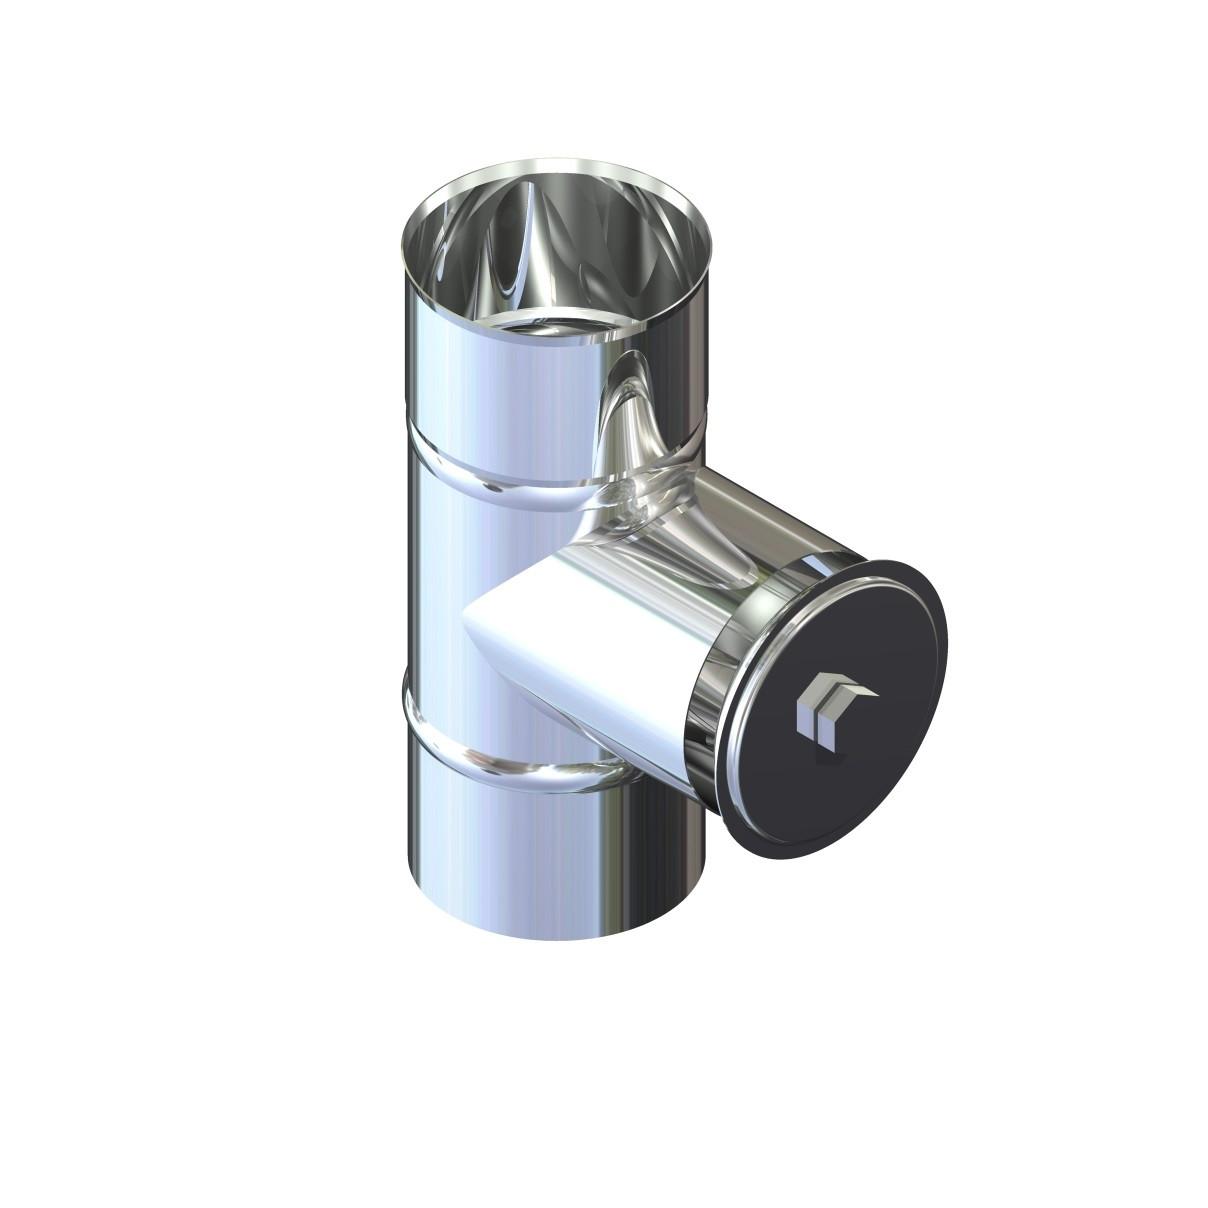 Ревизия дымоходная нержавейка D-120 мм толщина 0,6 мм